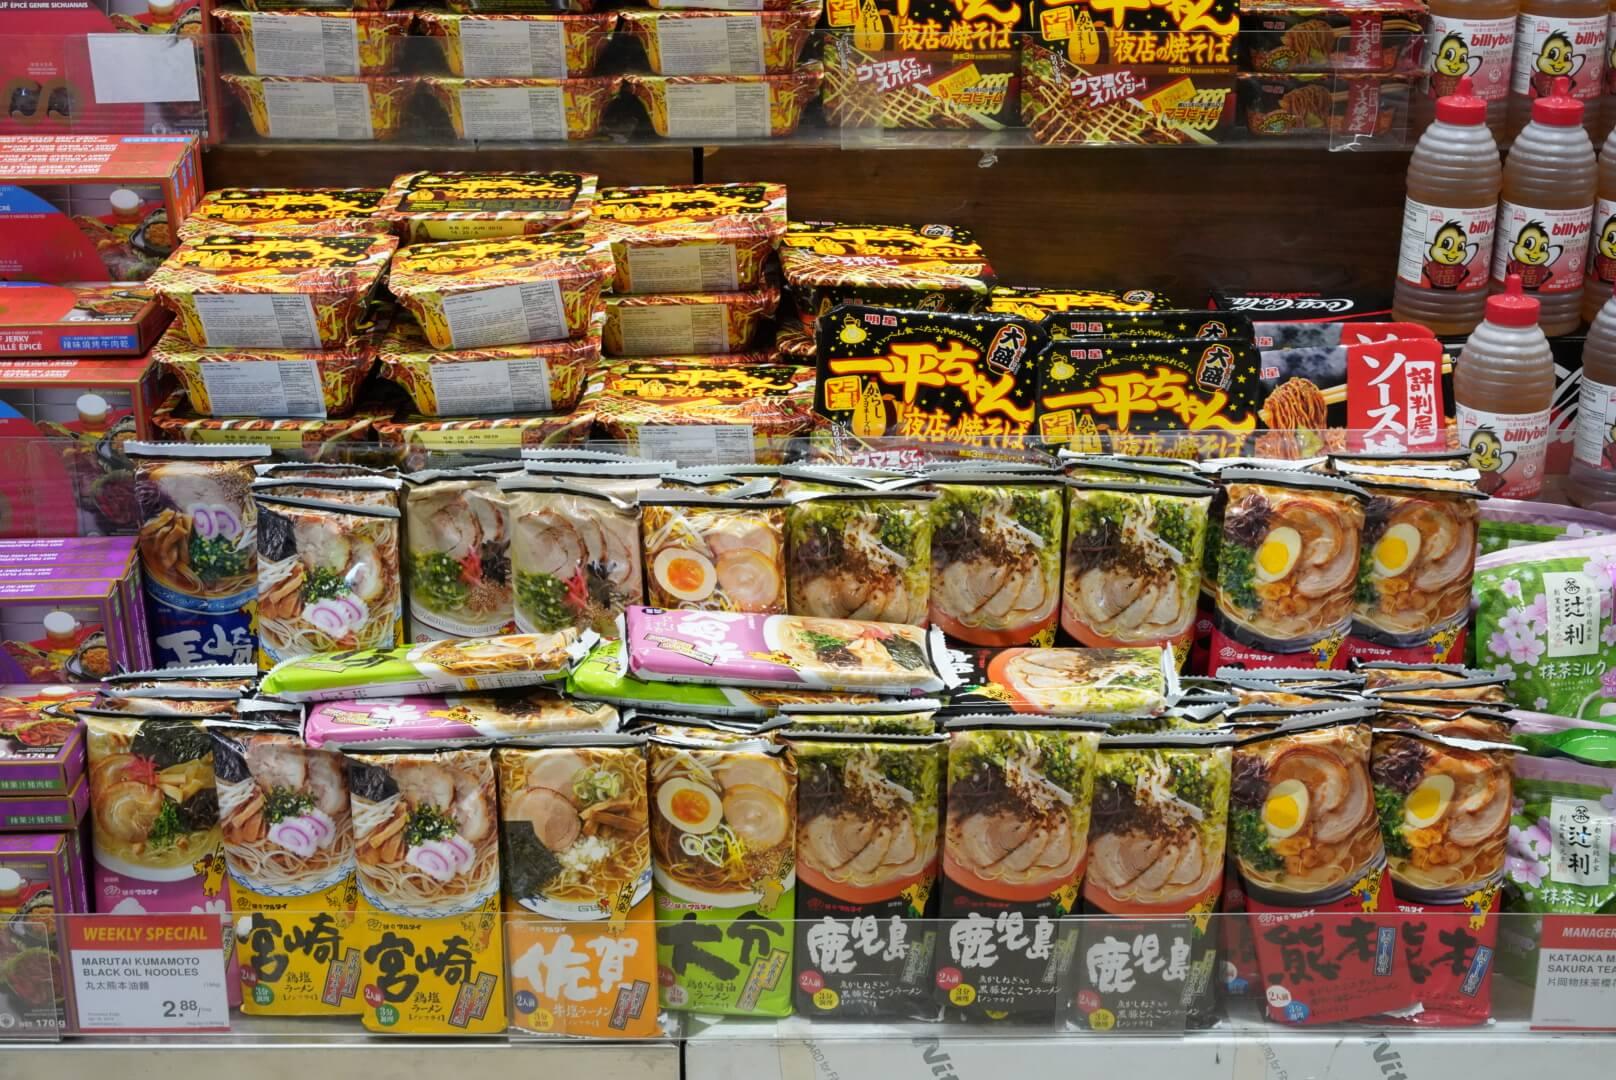 カナダのアジア系スーパー「T&T」にあったカップラーメン